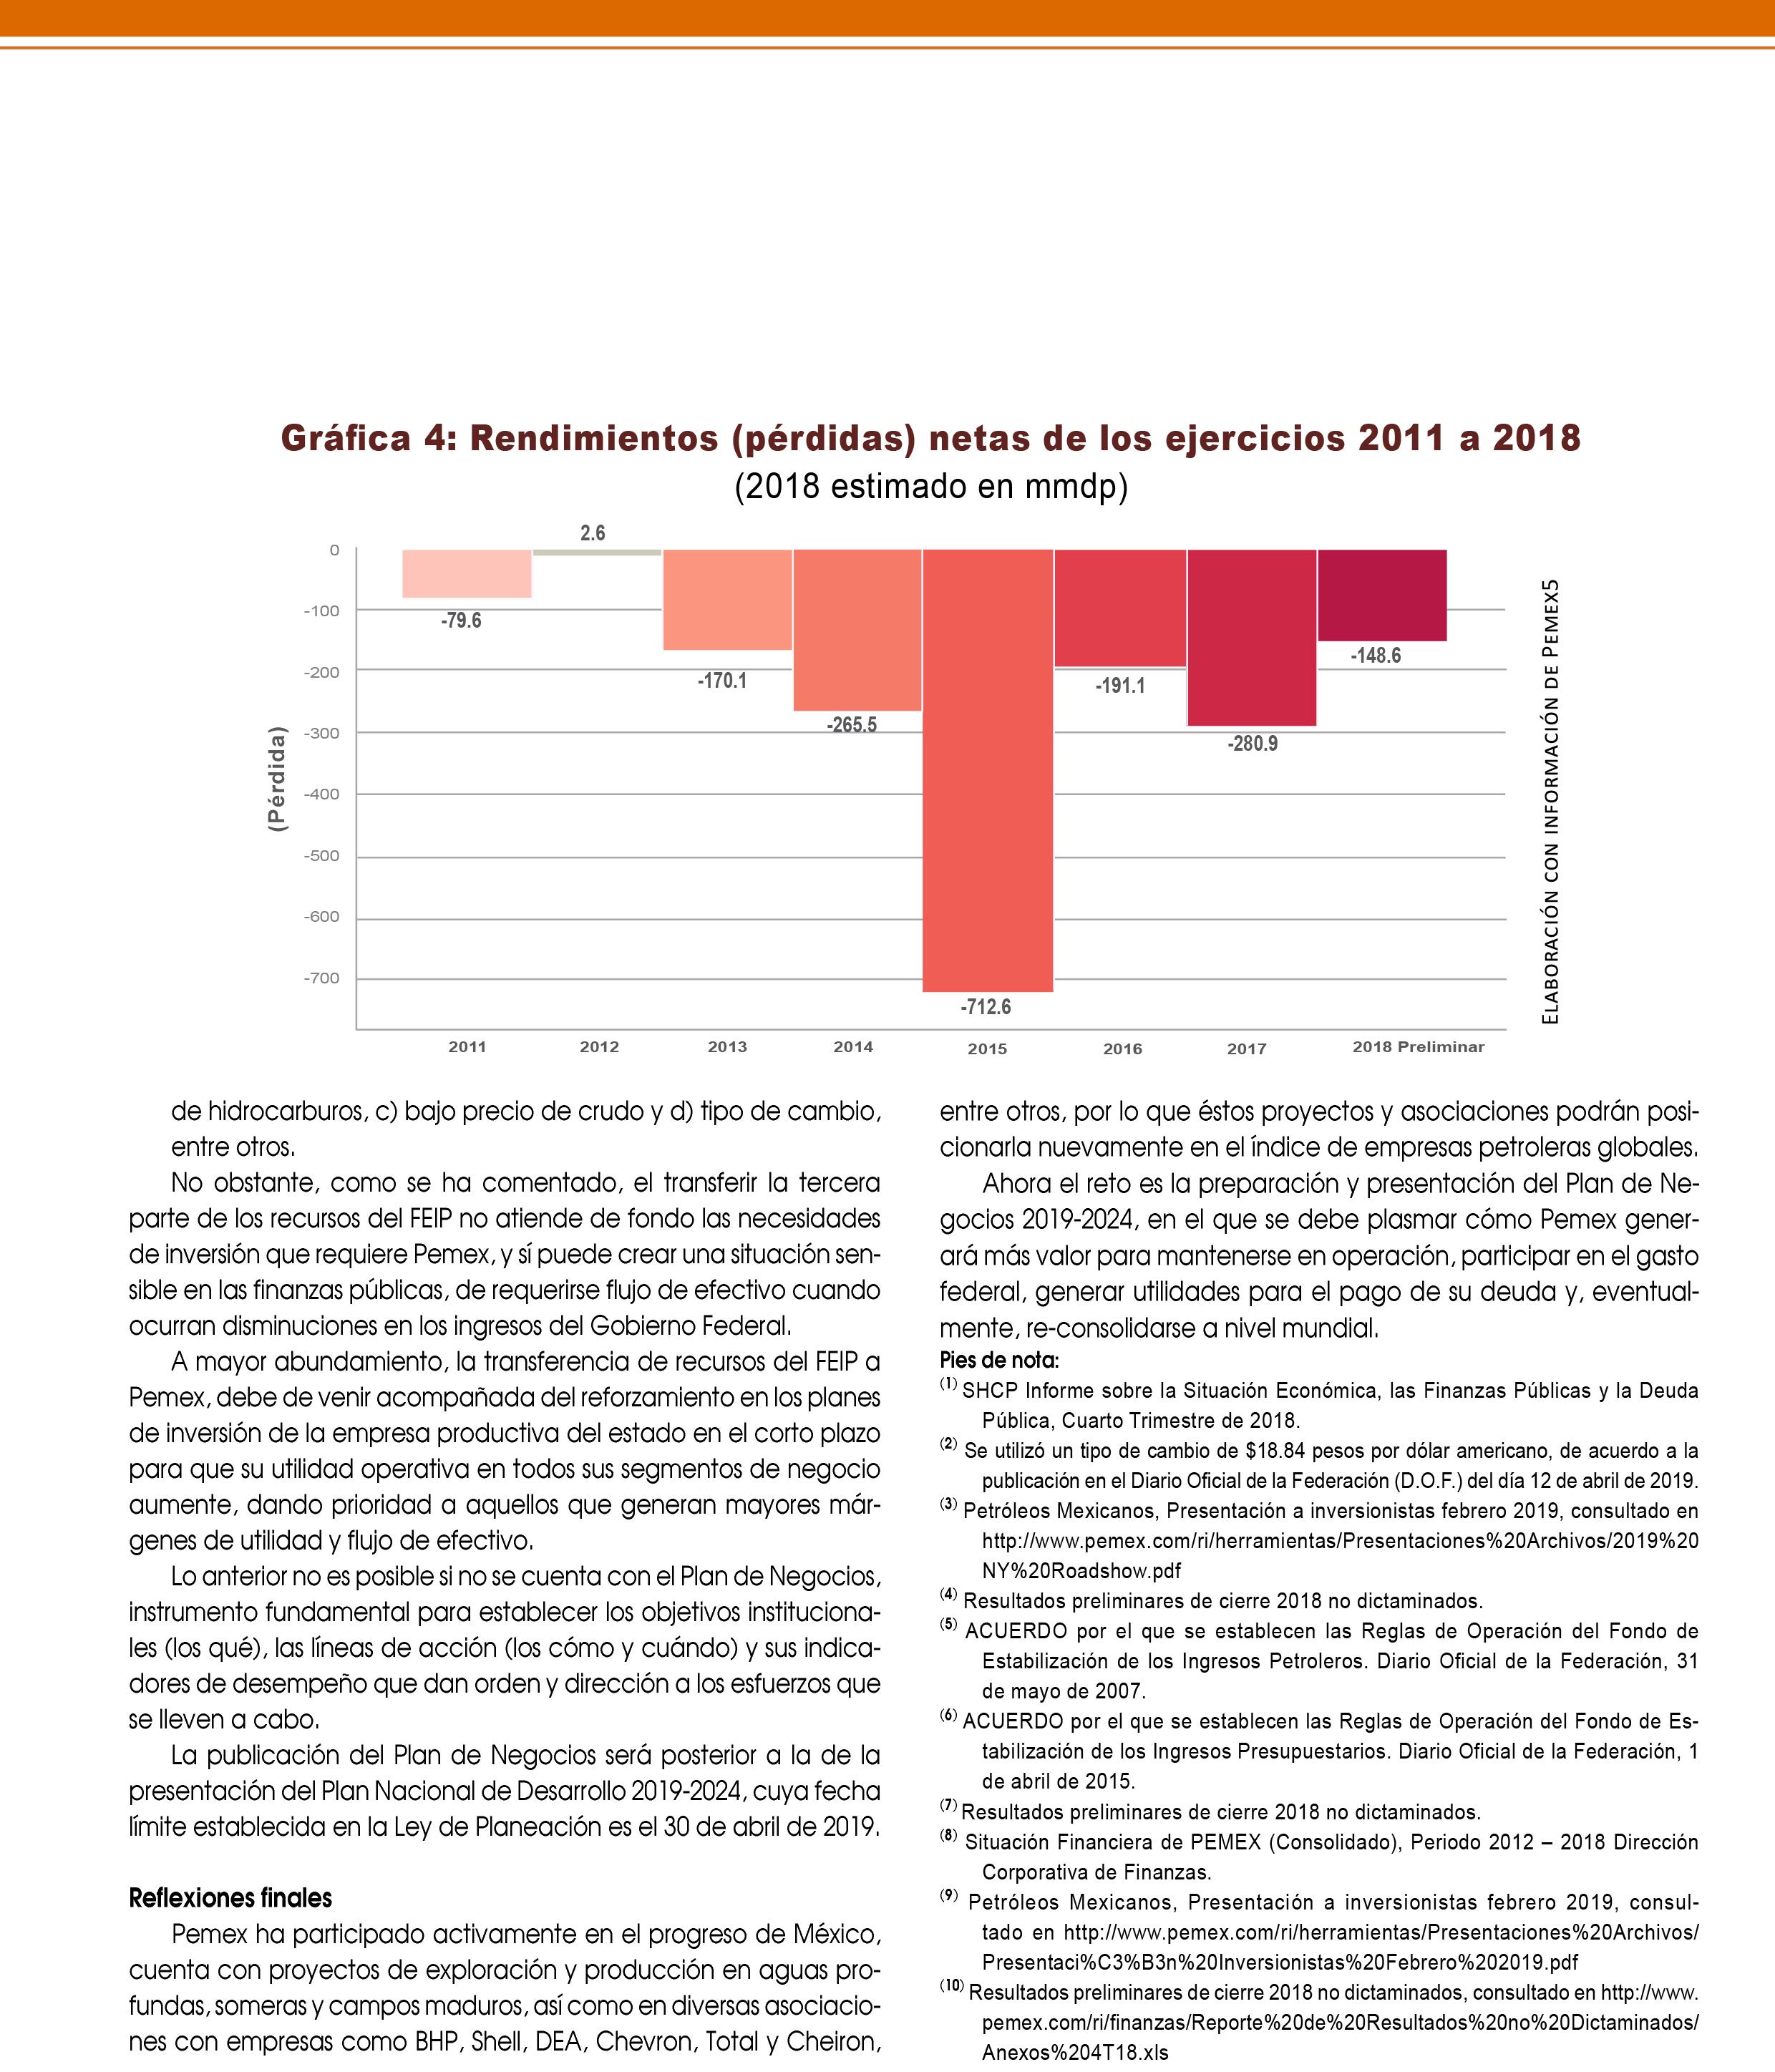 Uso del FEIP en las necesidades de pago de deuda corriente de Pemex